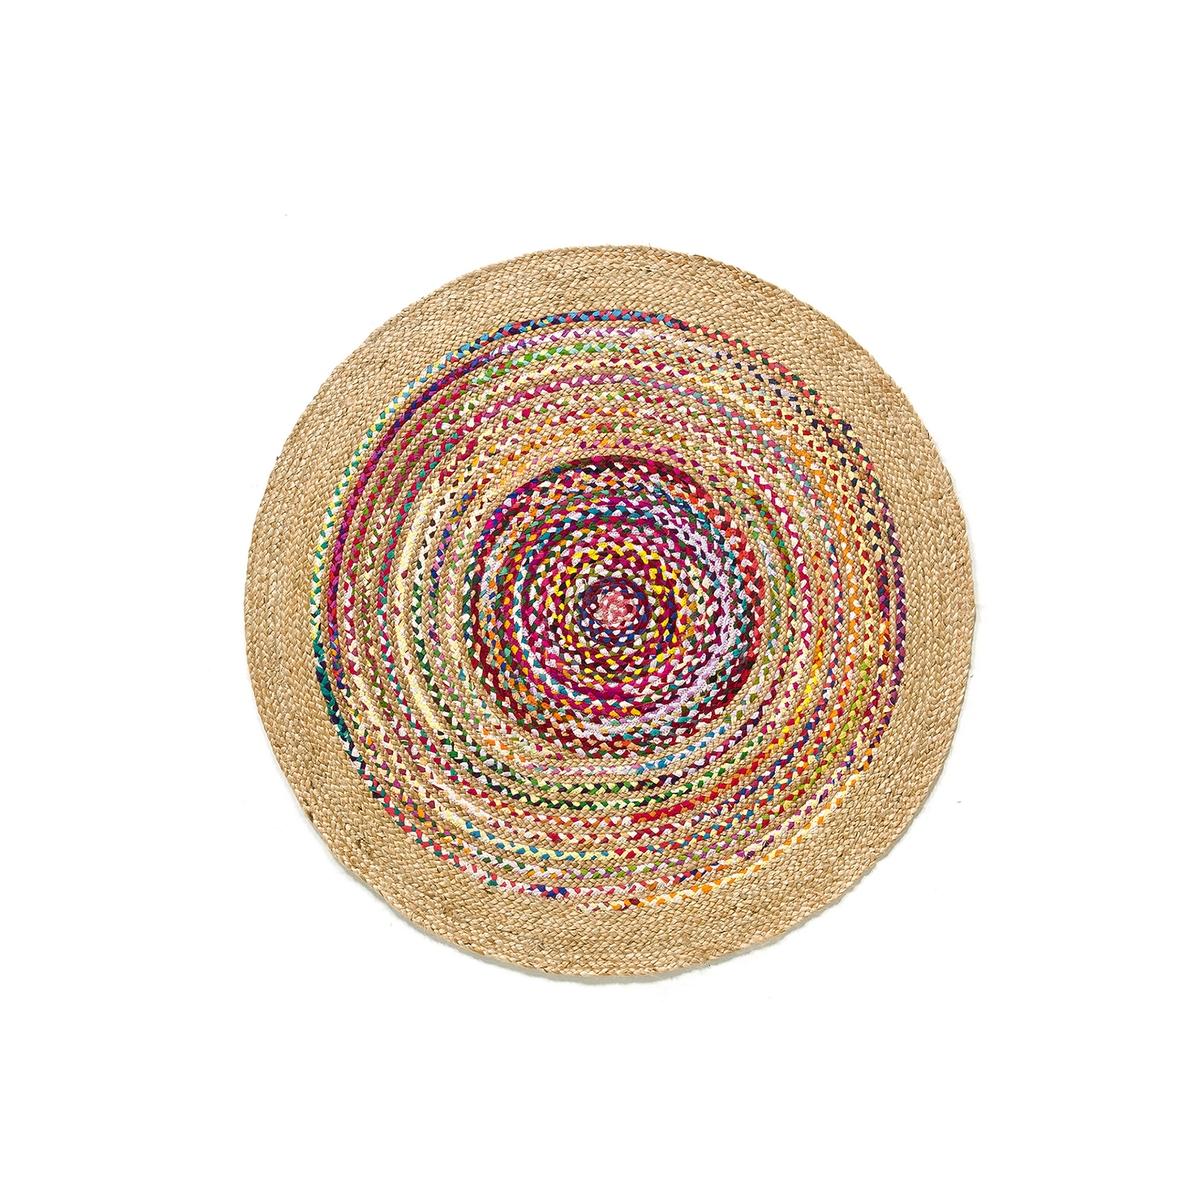 Фото - Ковер LaRedoute Из джута и хлопка 120 см Jaco единый размер разноцветный ковер laredoute из джута и хлопка пастельных тонов bazyli 120 x 180 см разноцветный